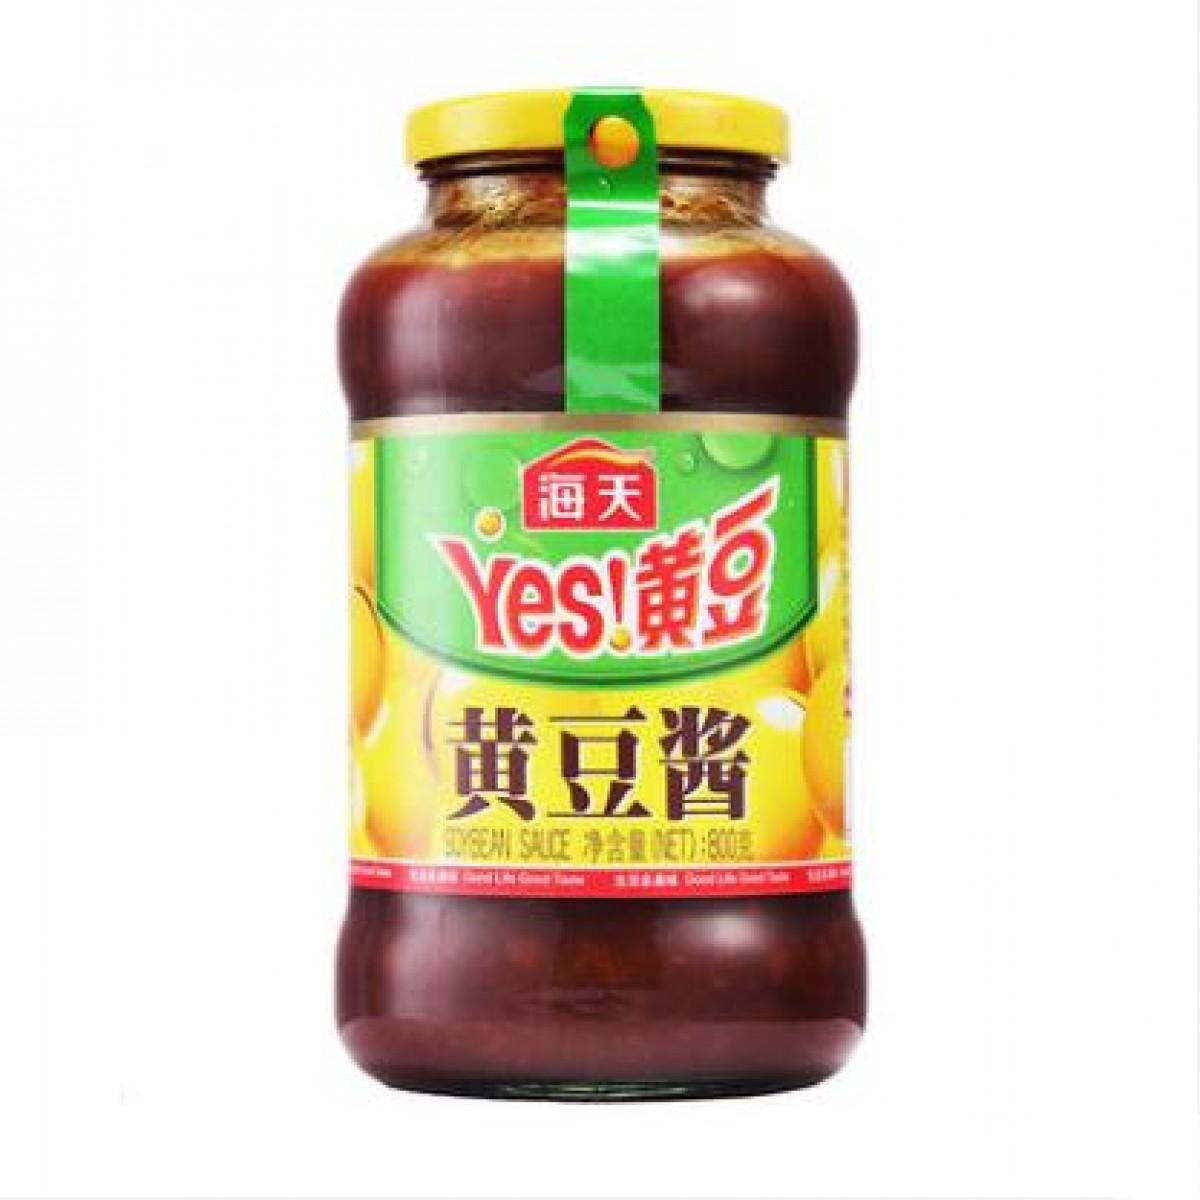 川味复合调味料配送/重庆调味品招商网/重庆渝里红农业开发有限公司